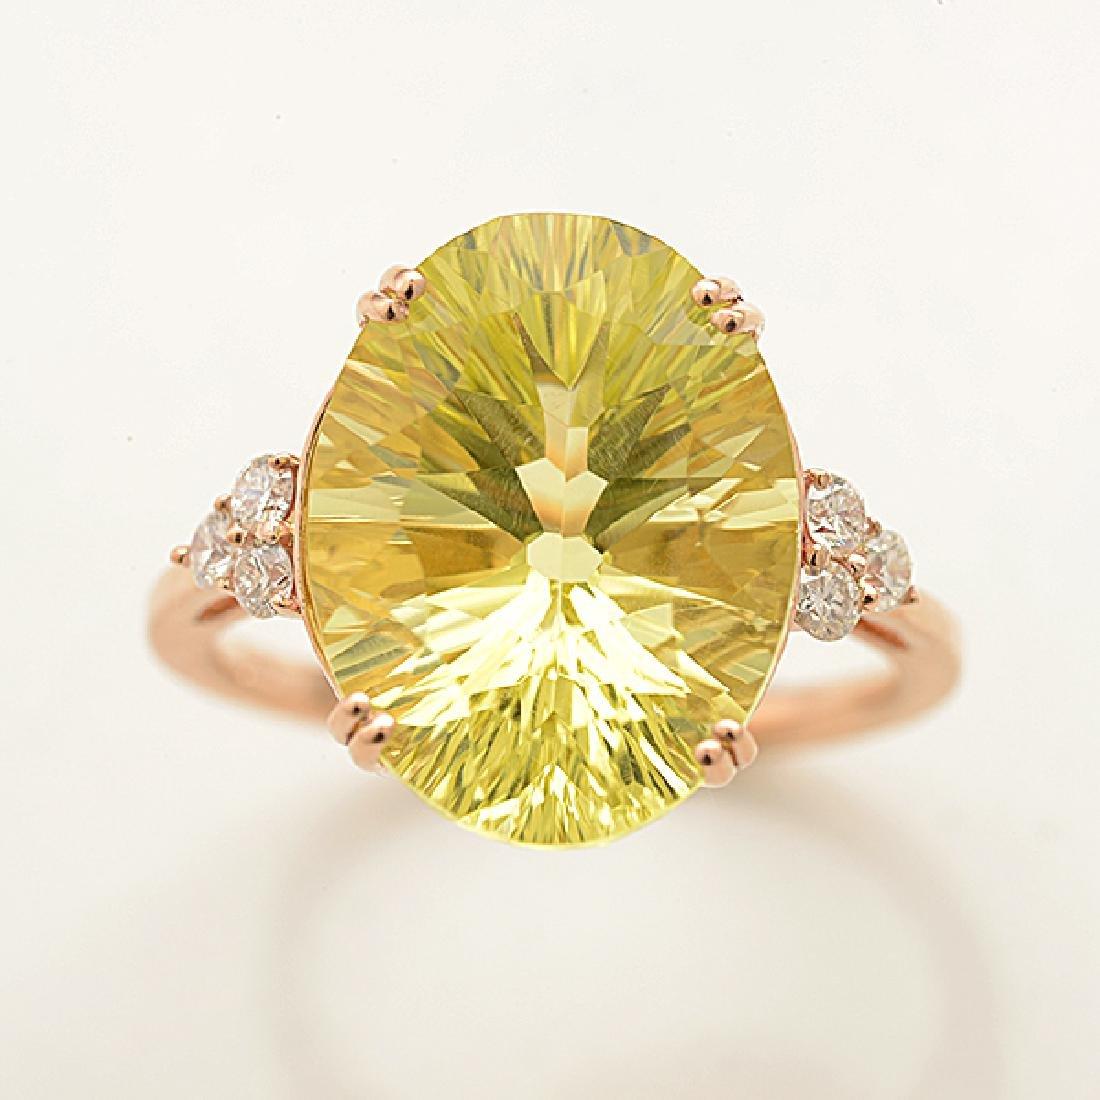 Lemon Quartz, Diamond, 14k Rose Gold Ring. - 2